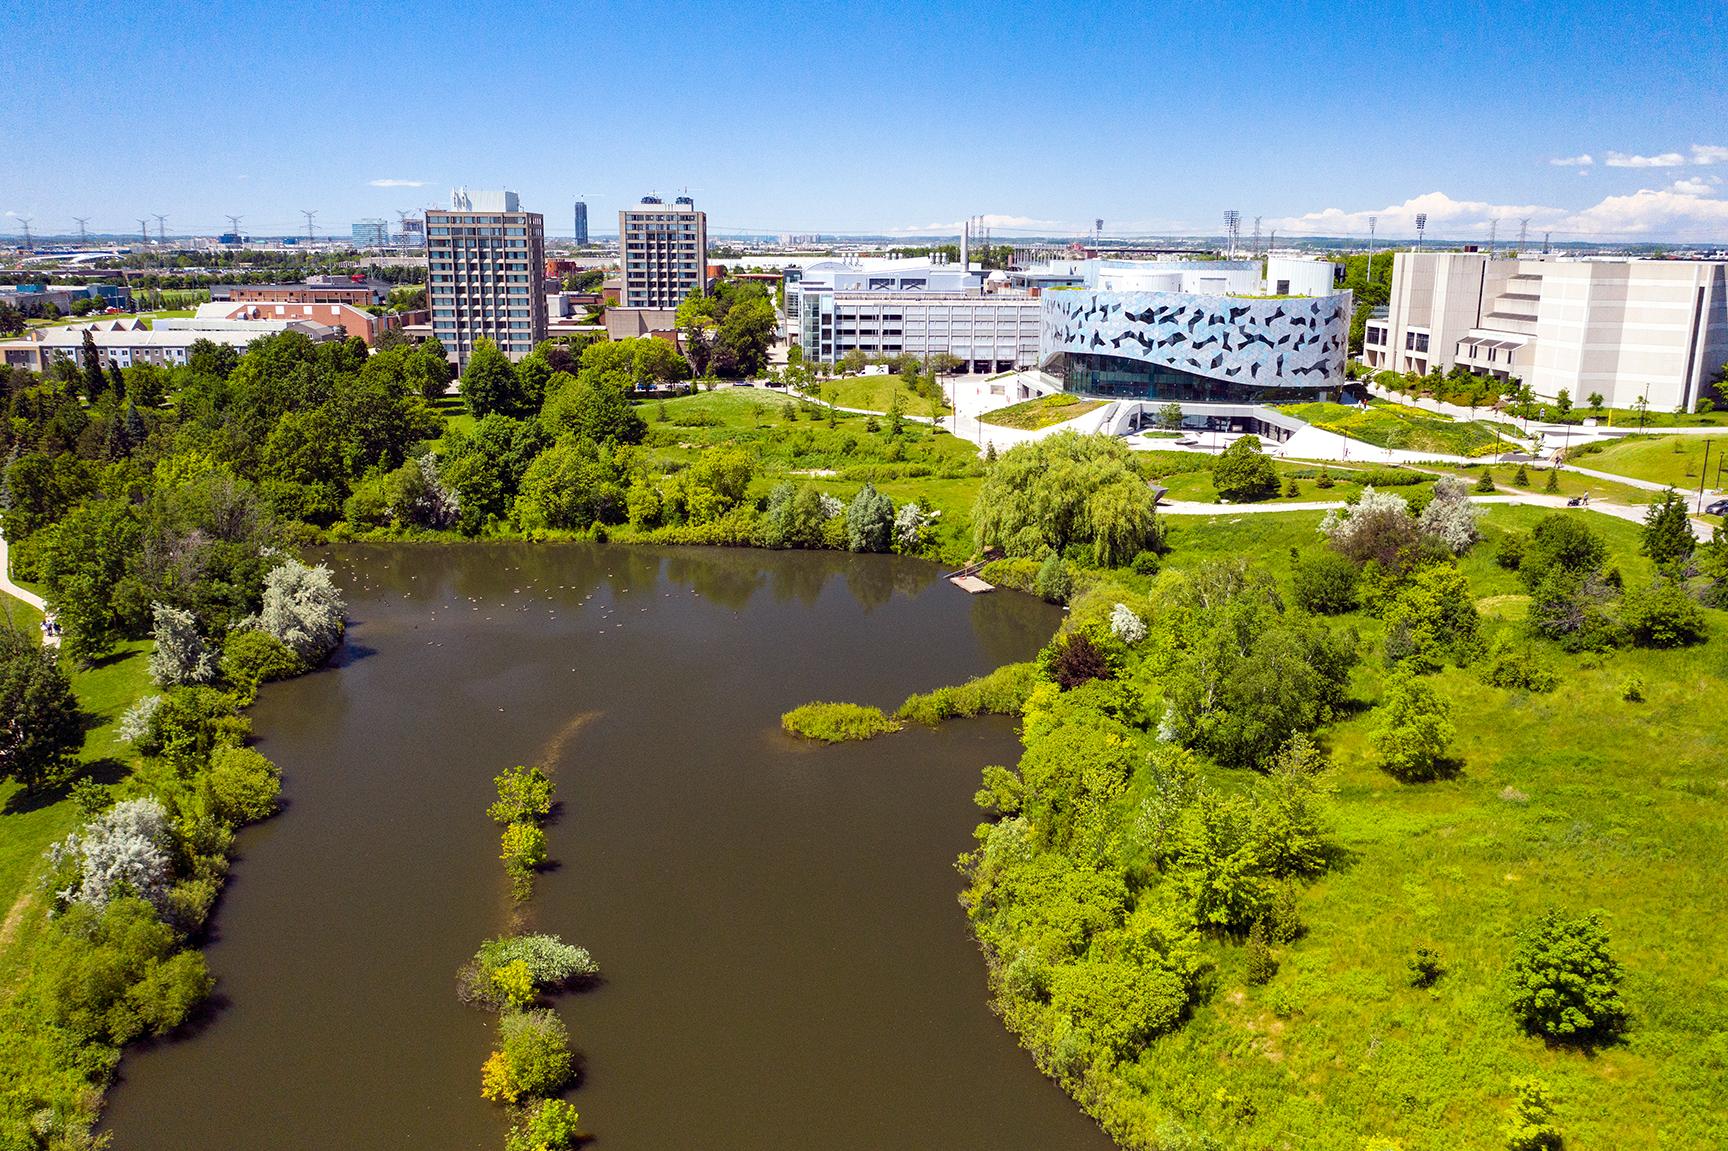 West Campus Pond